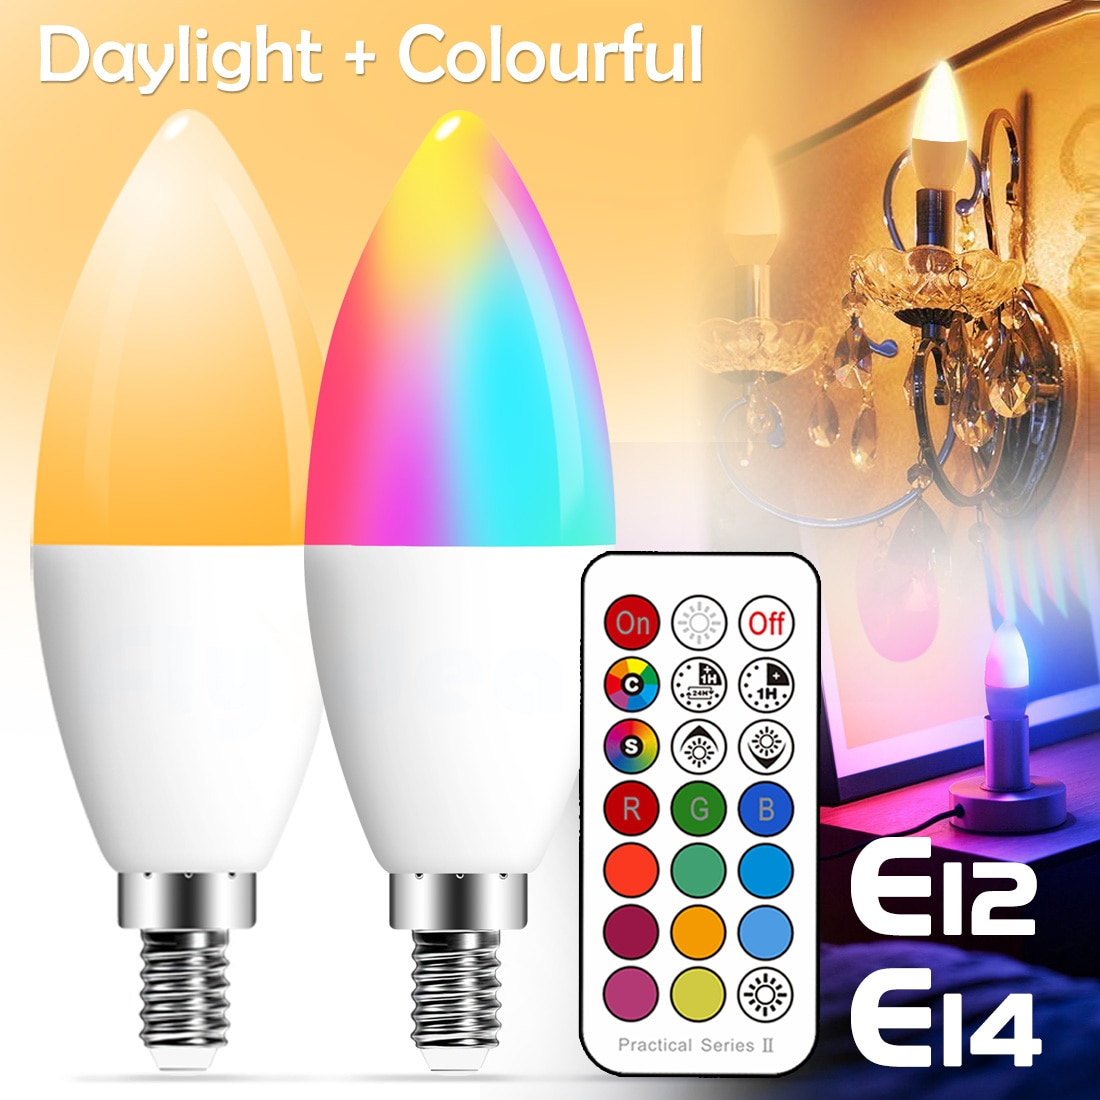 E14 LED żarówka w kształcie świecy kolor kryty Neon żarówka taśma RGB z kontrolerem oświetlenie 220V E12 możliwość przyciemniania inteligentna lampa dla domu